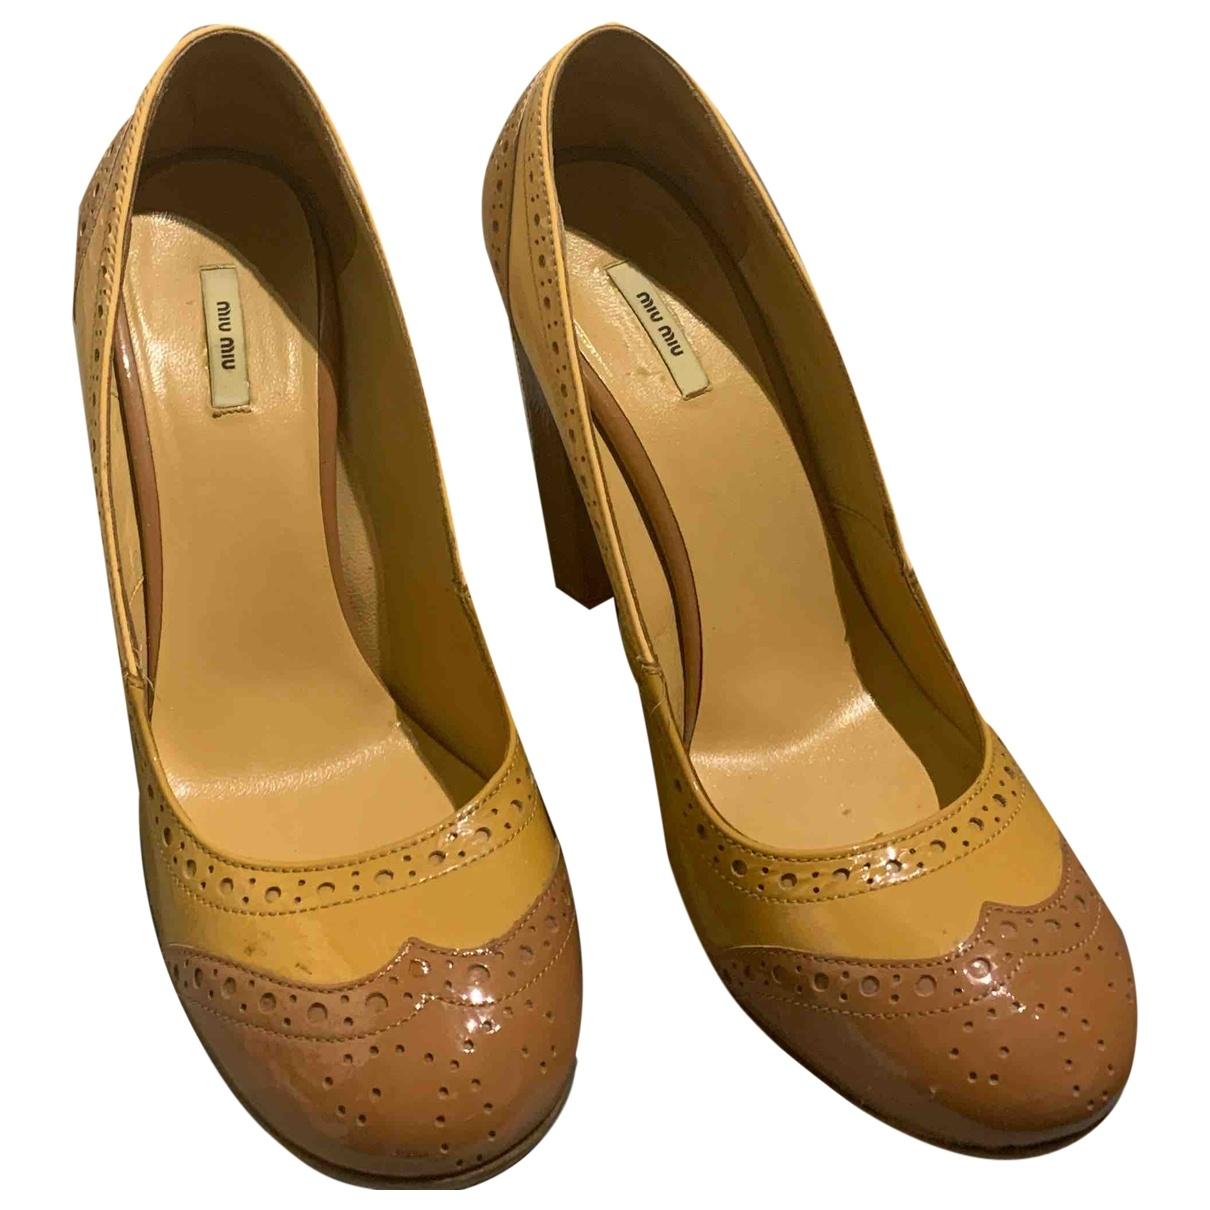 Miu Miu - Escarpins   pour femme en cuir verni - beige